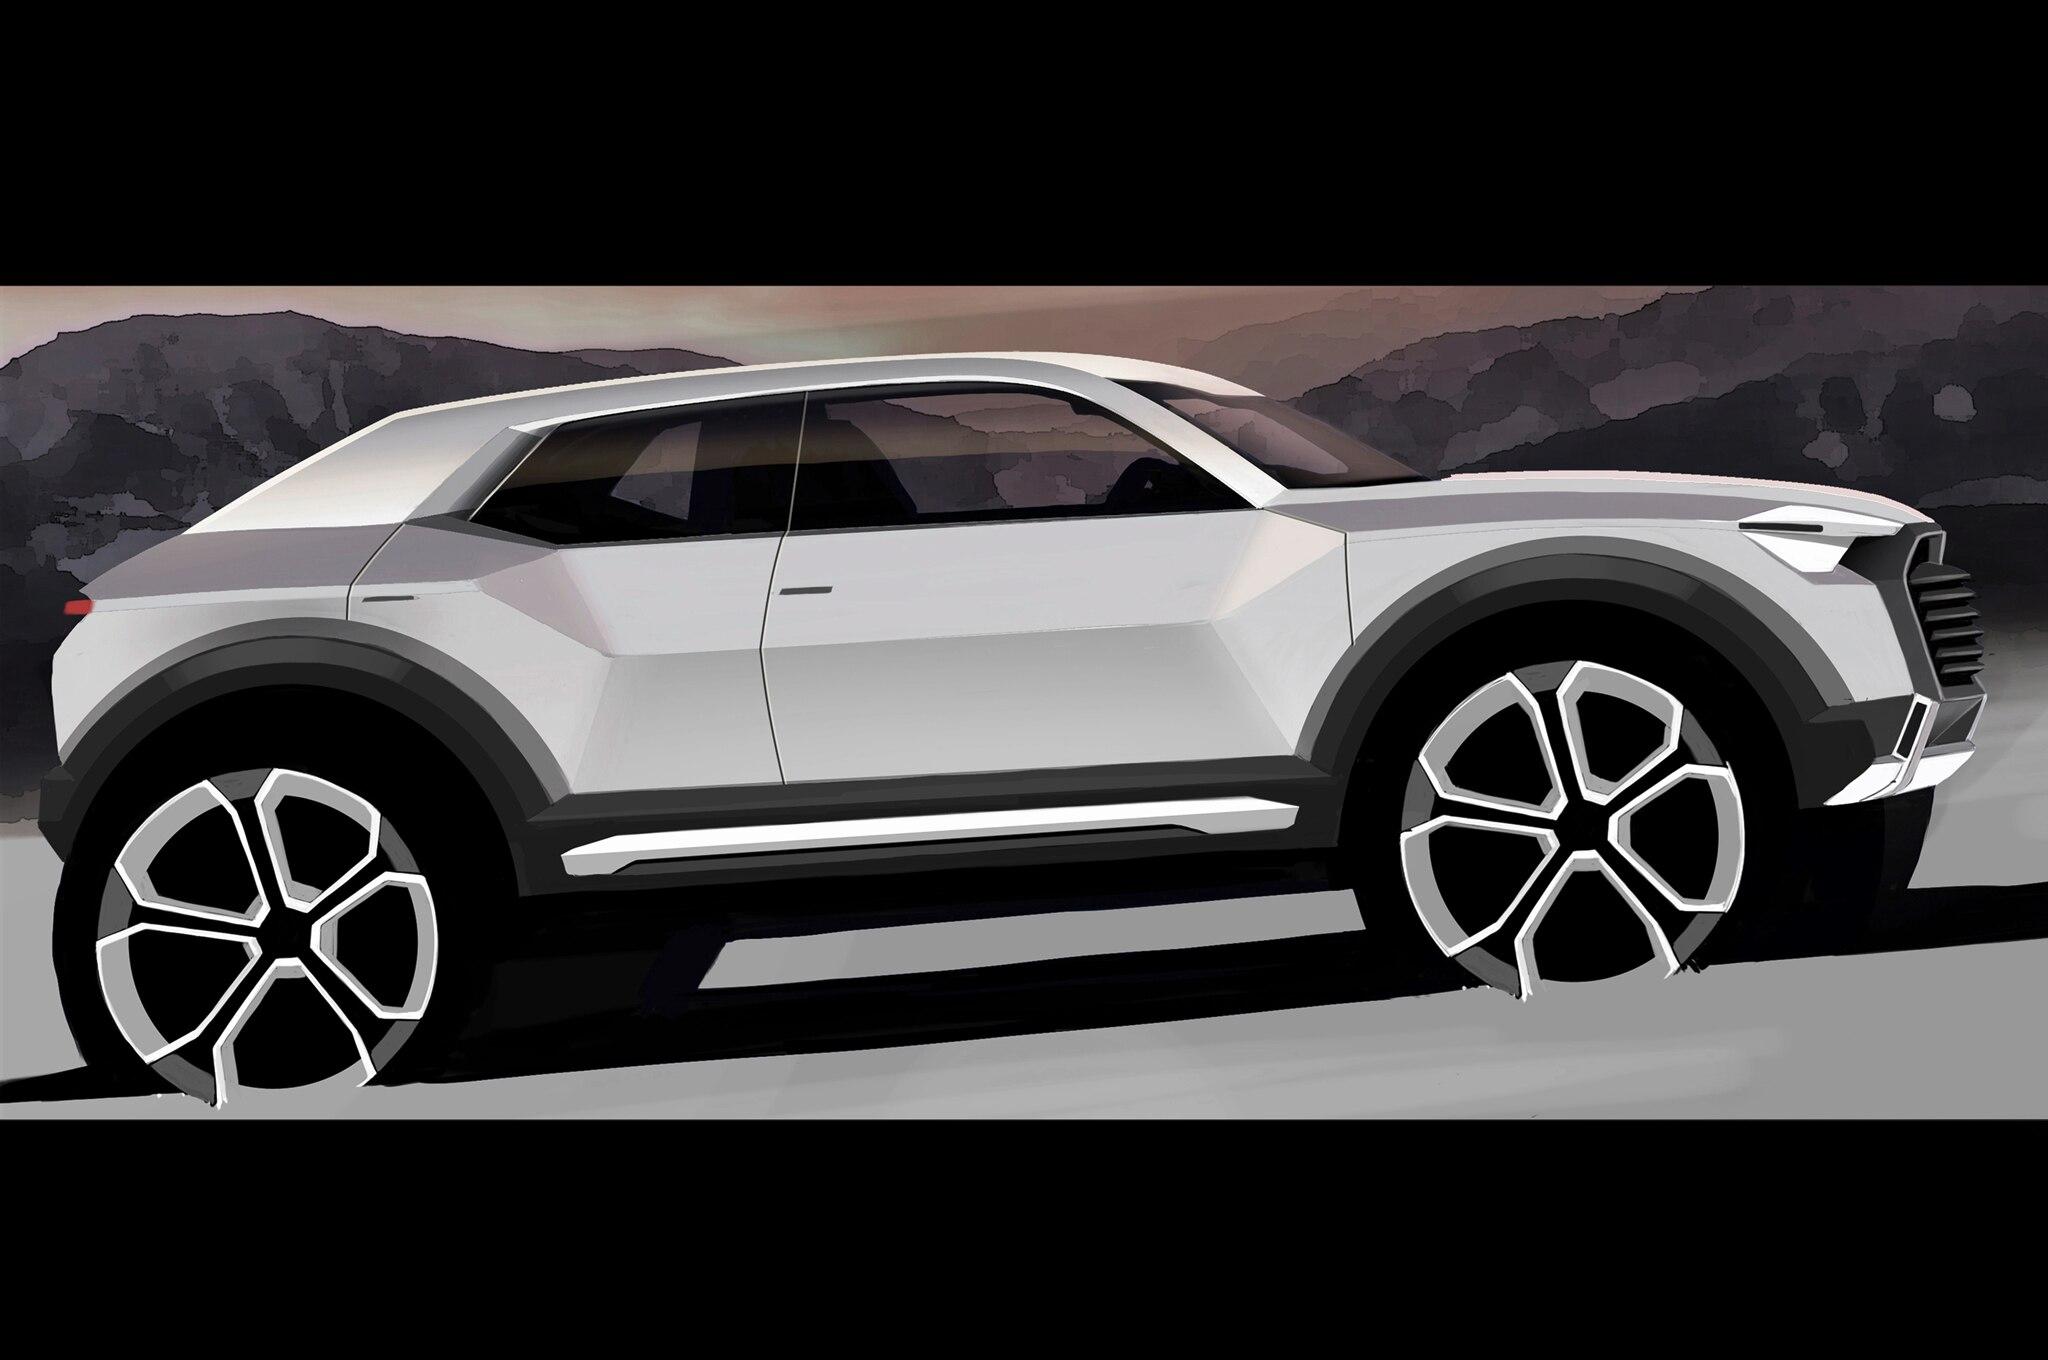 Audi Q1 Teaser Sketch1